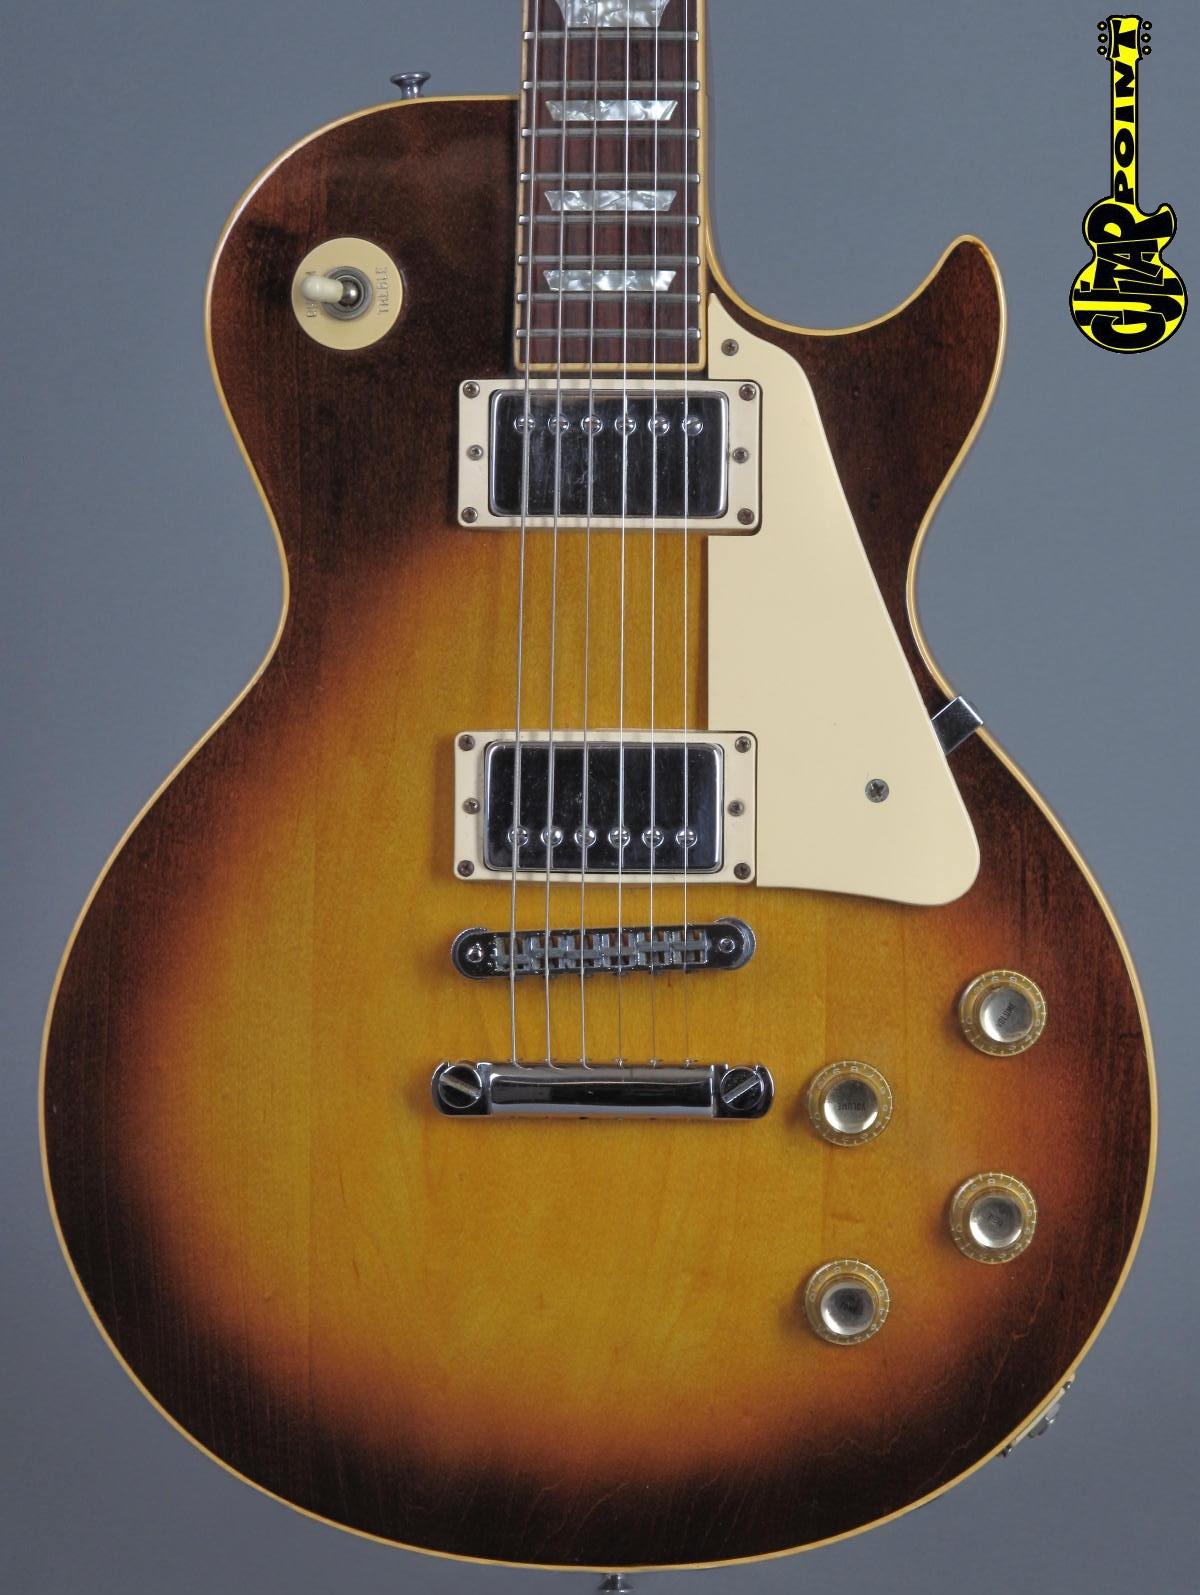 1975 Gibson Les Paul Standard - Honey Burst